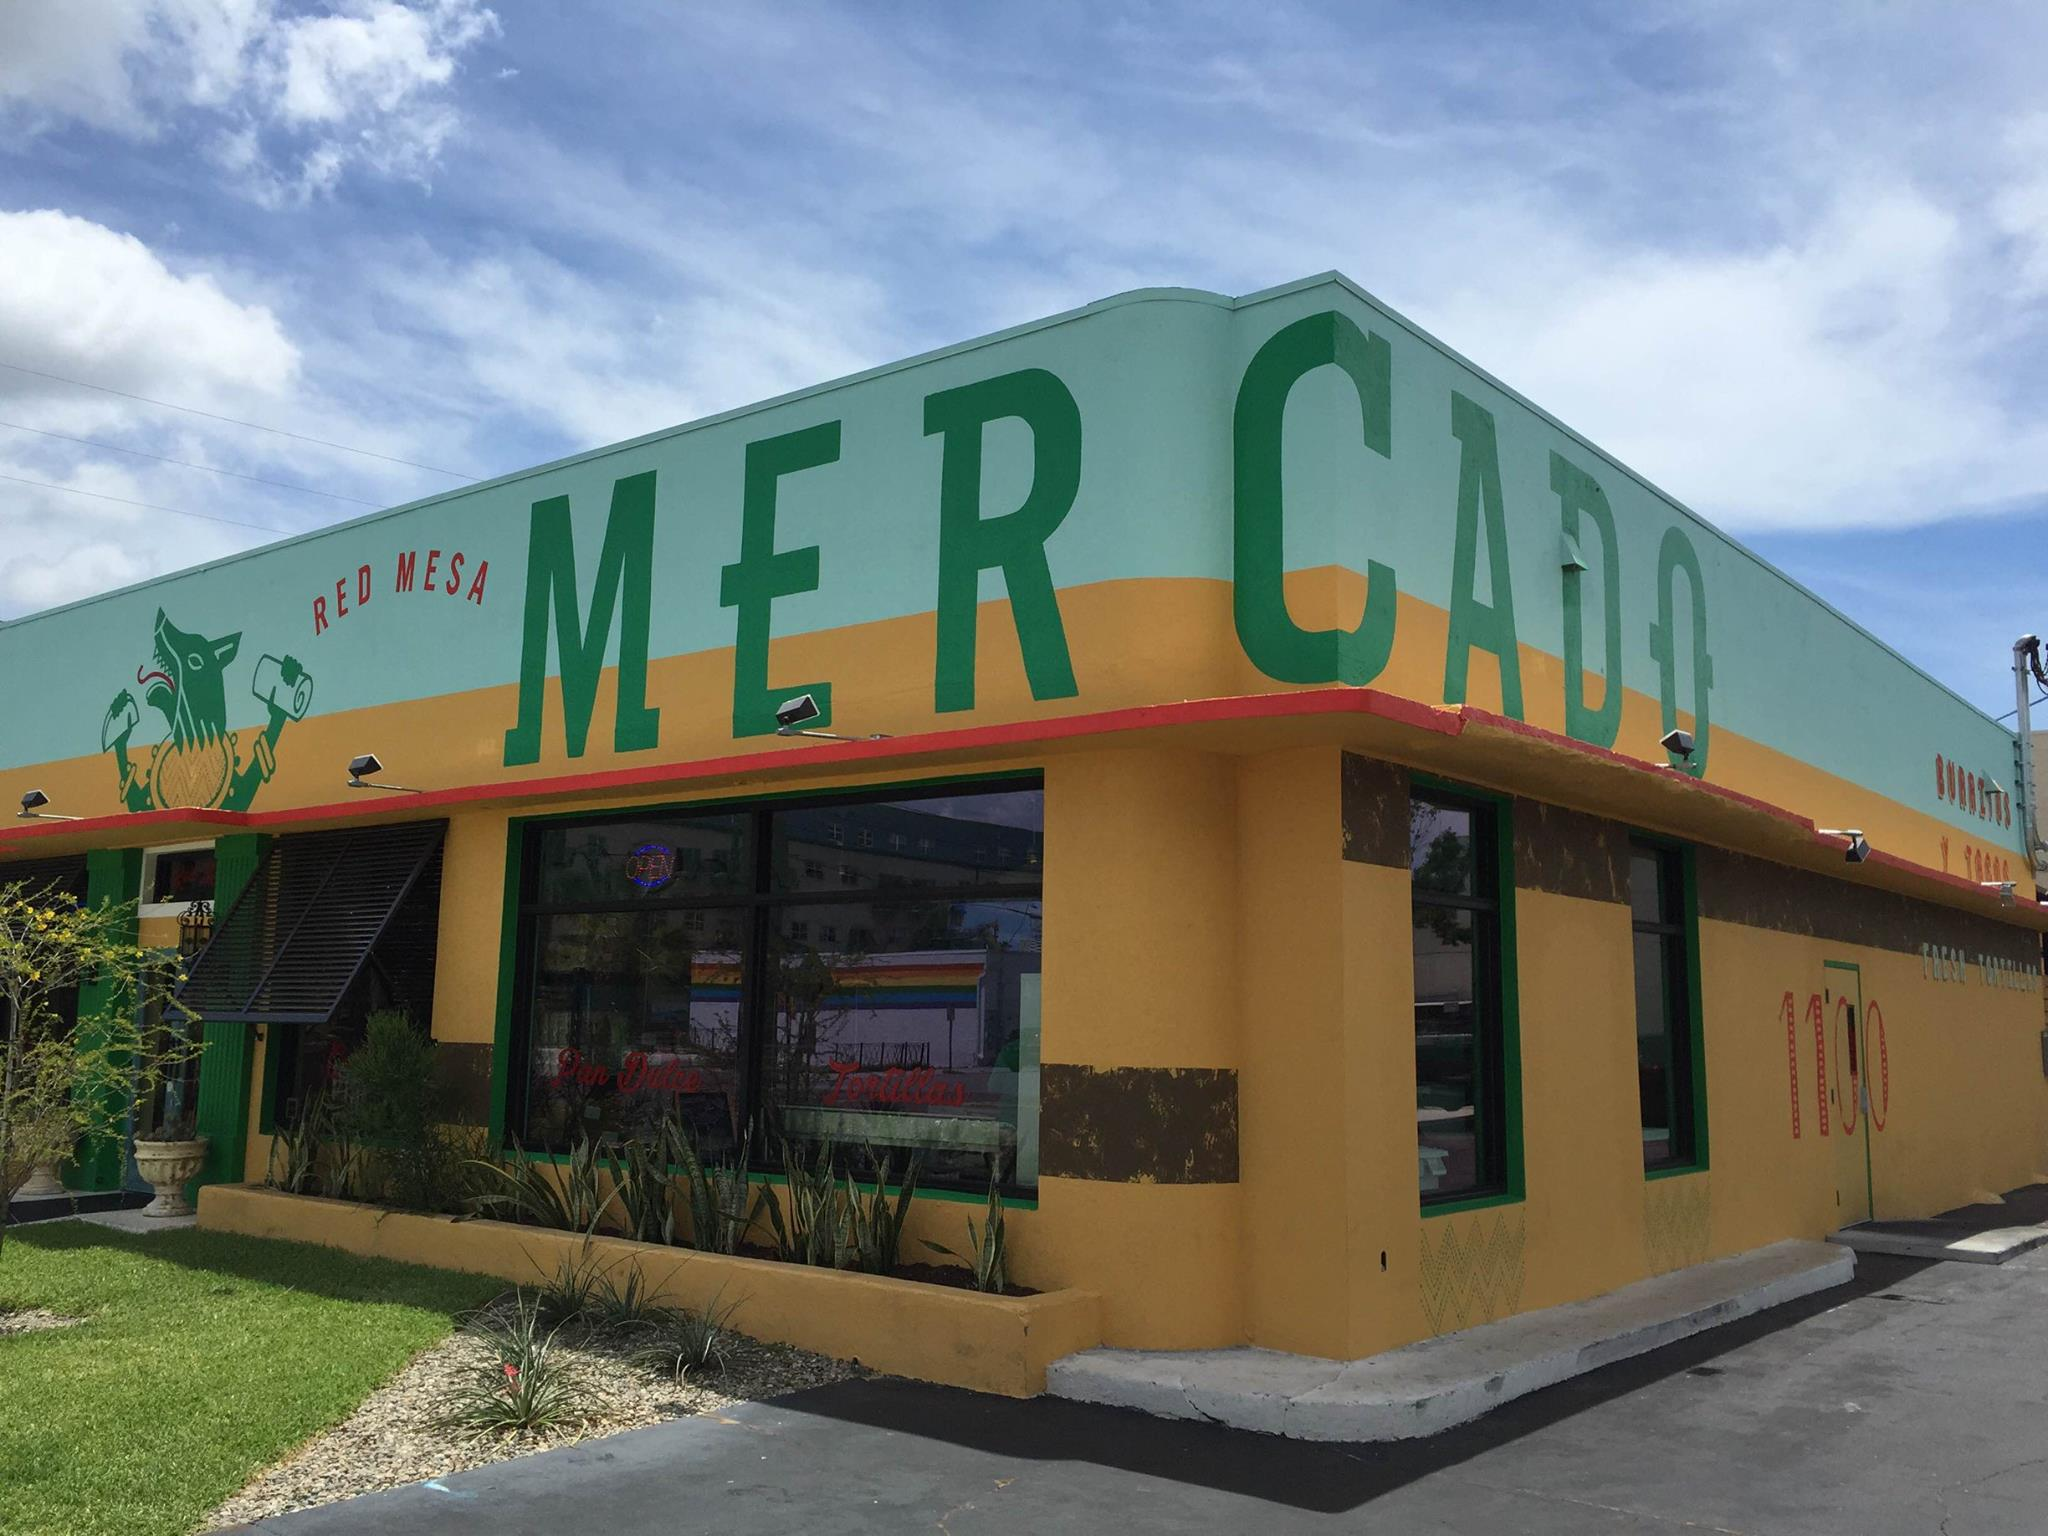 Red Mesa Mercado Exterior